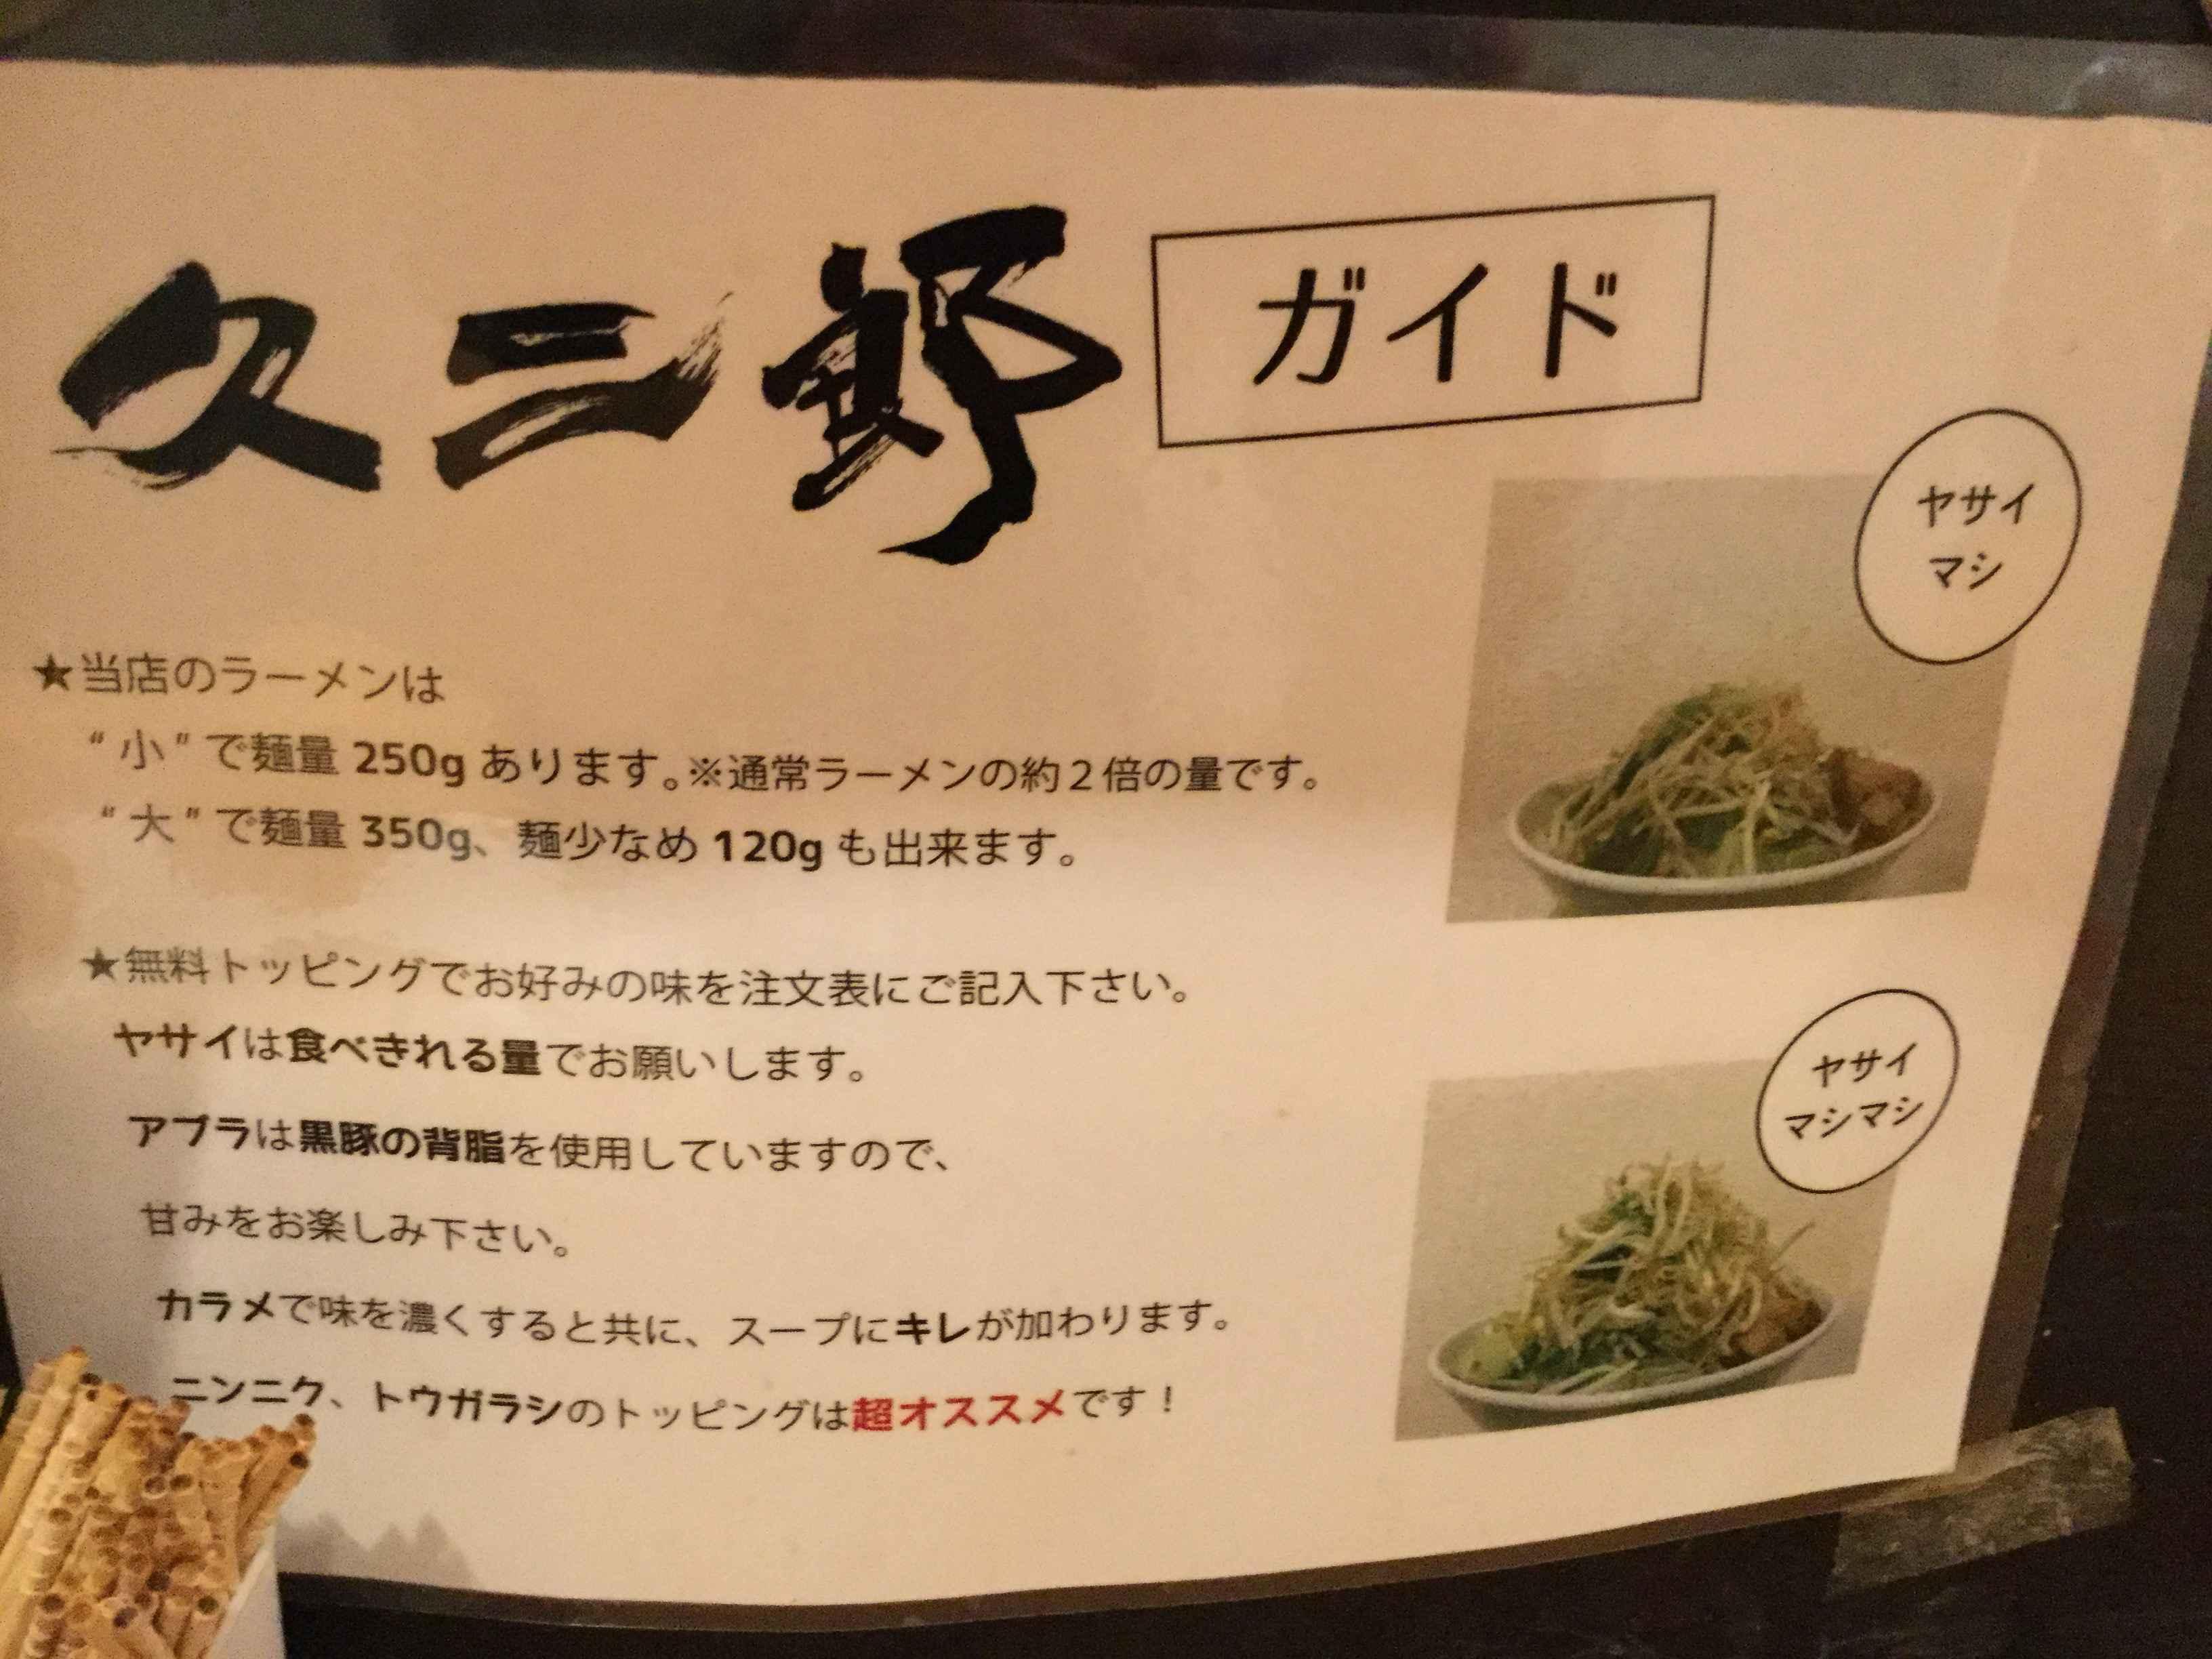 あ~、アレか。 麺や 久二郎